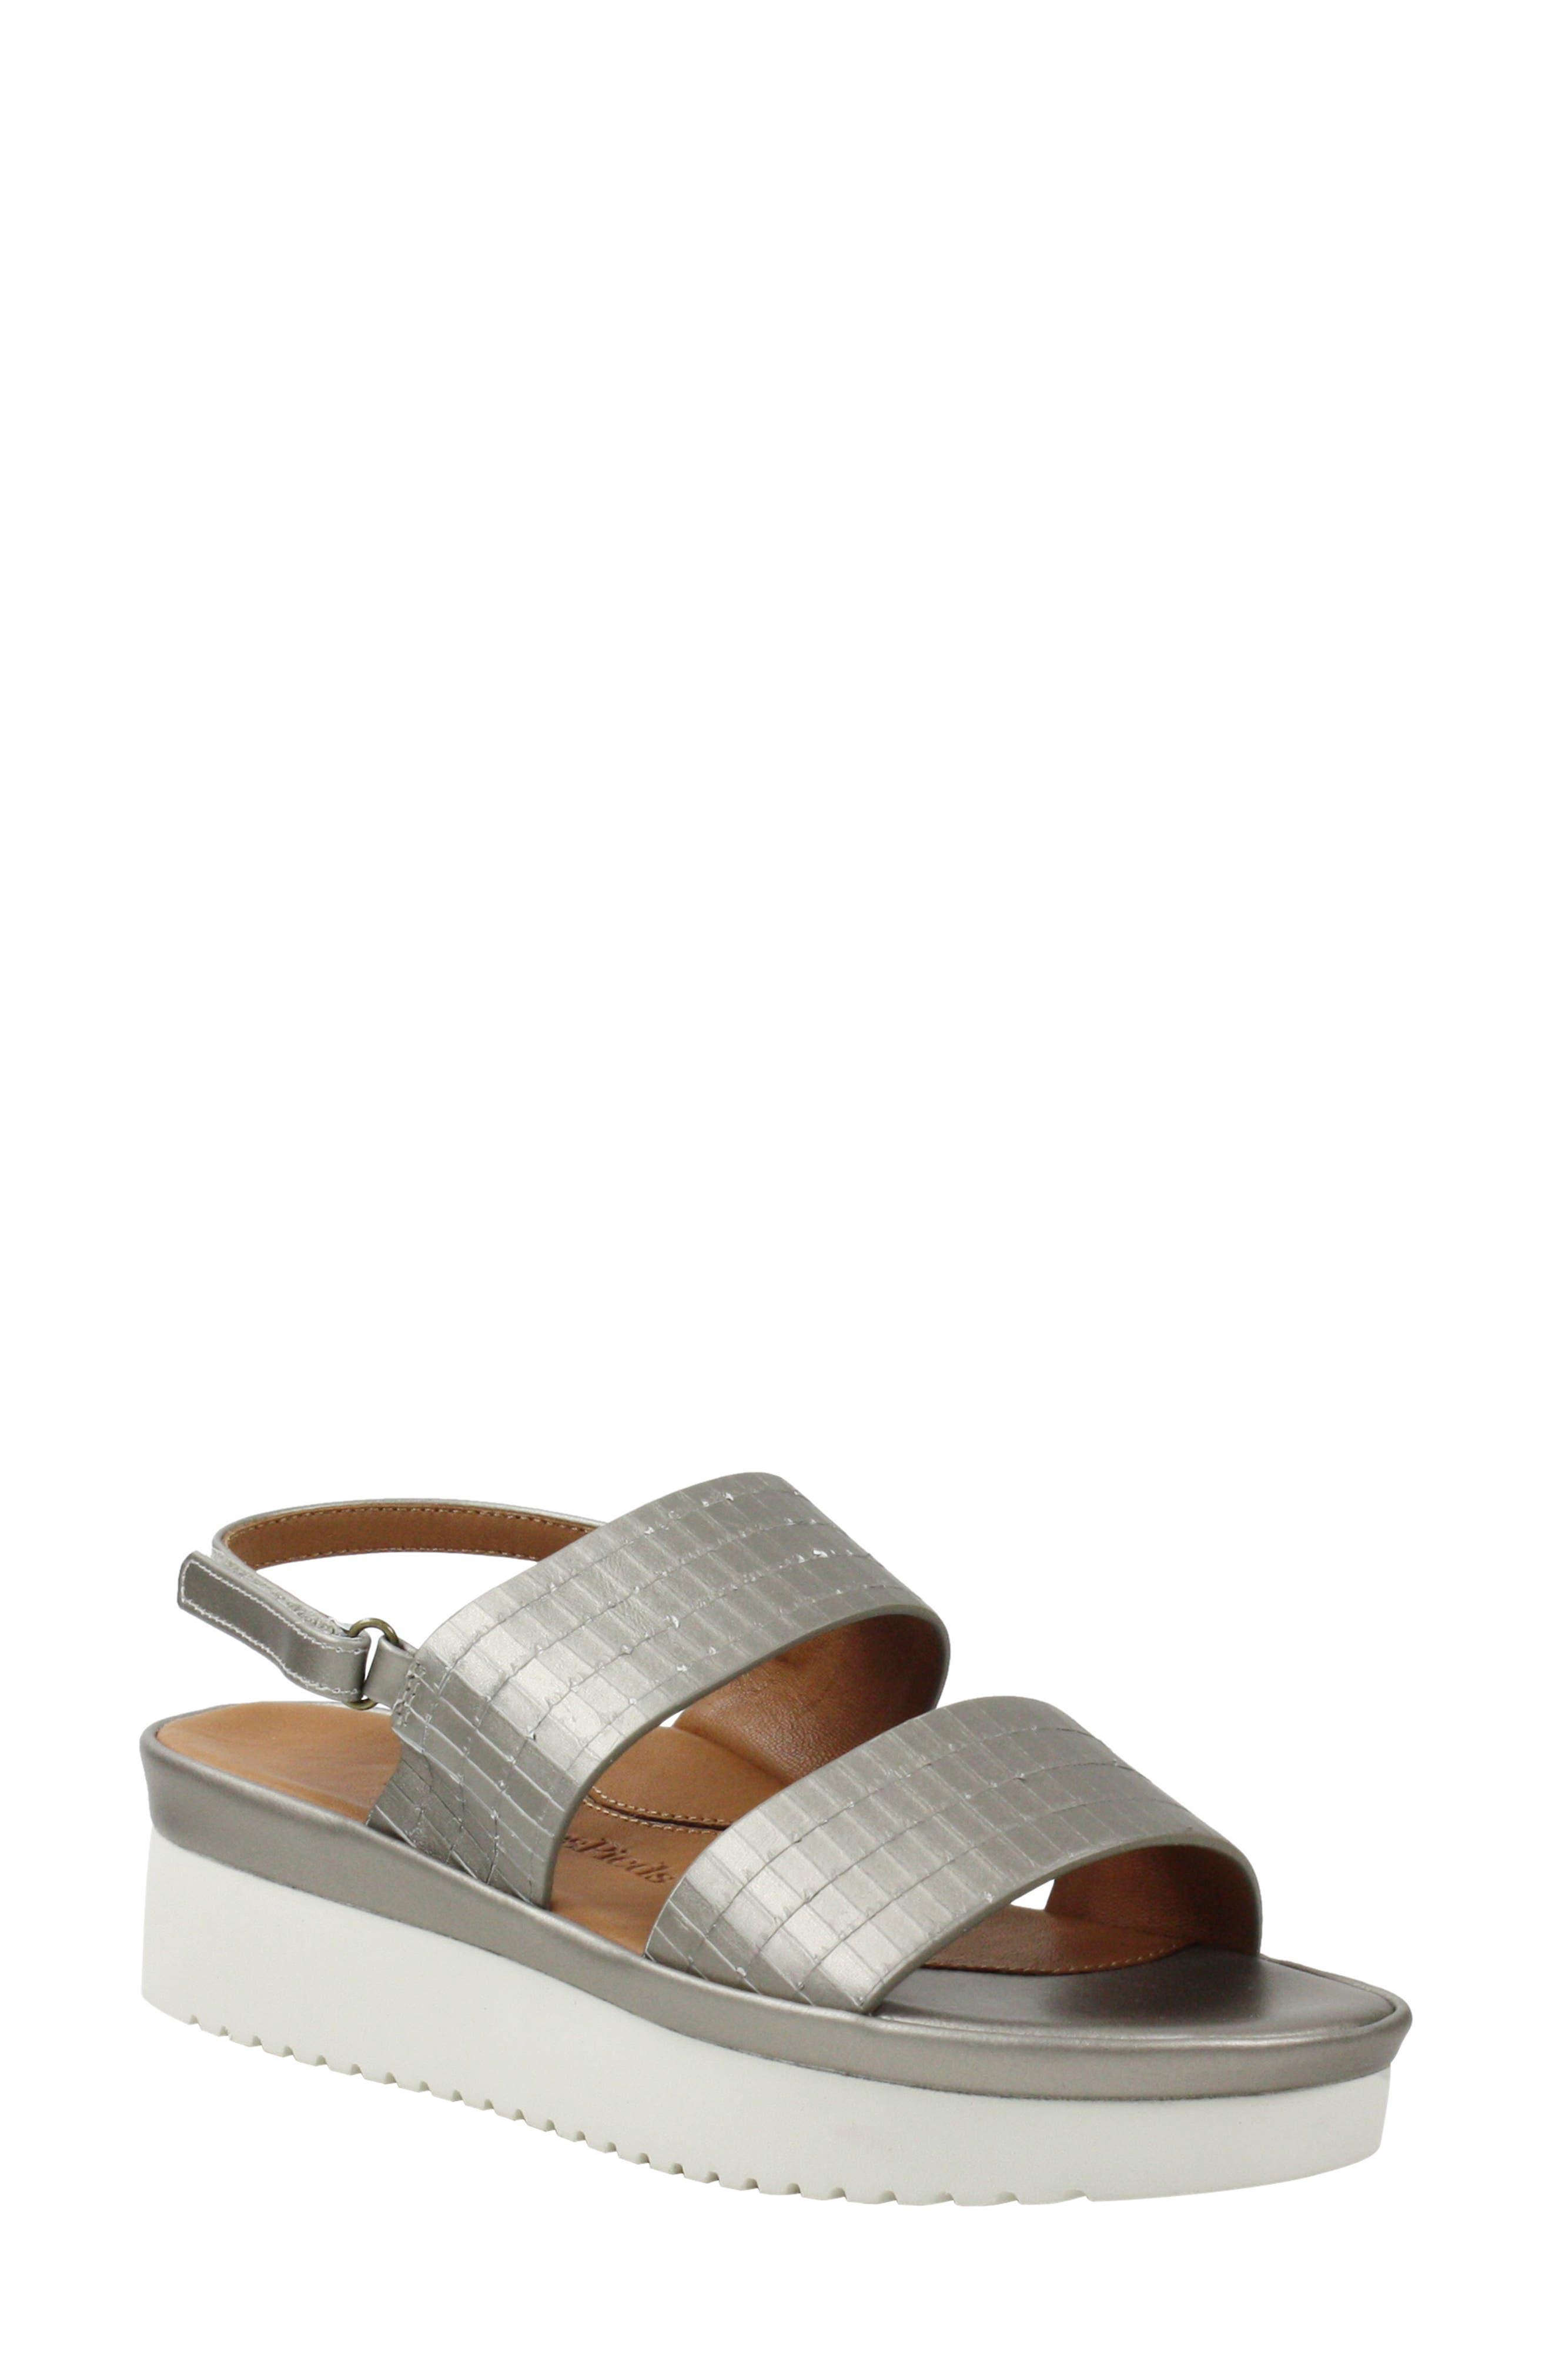 L'AMOUR DES PIEDS, Abruzzo Slingback Platform Wedge Sandal, Main thumbnail 1, color, PEARLIZED PLATINUM LEATHER